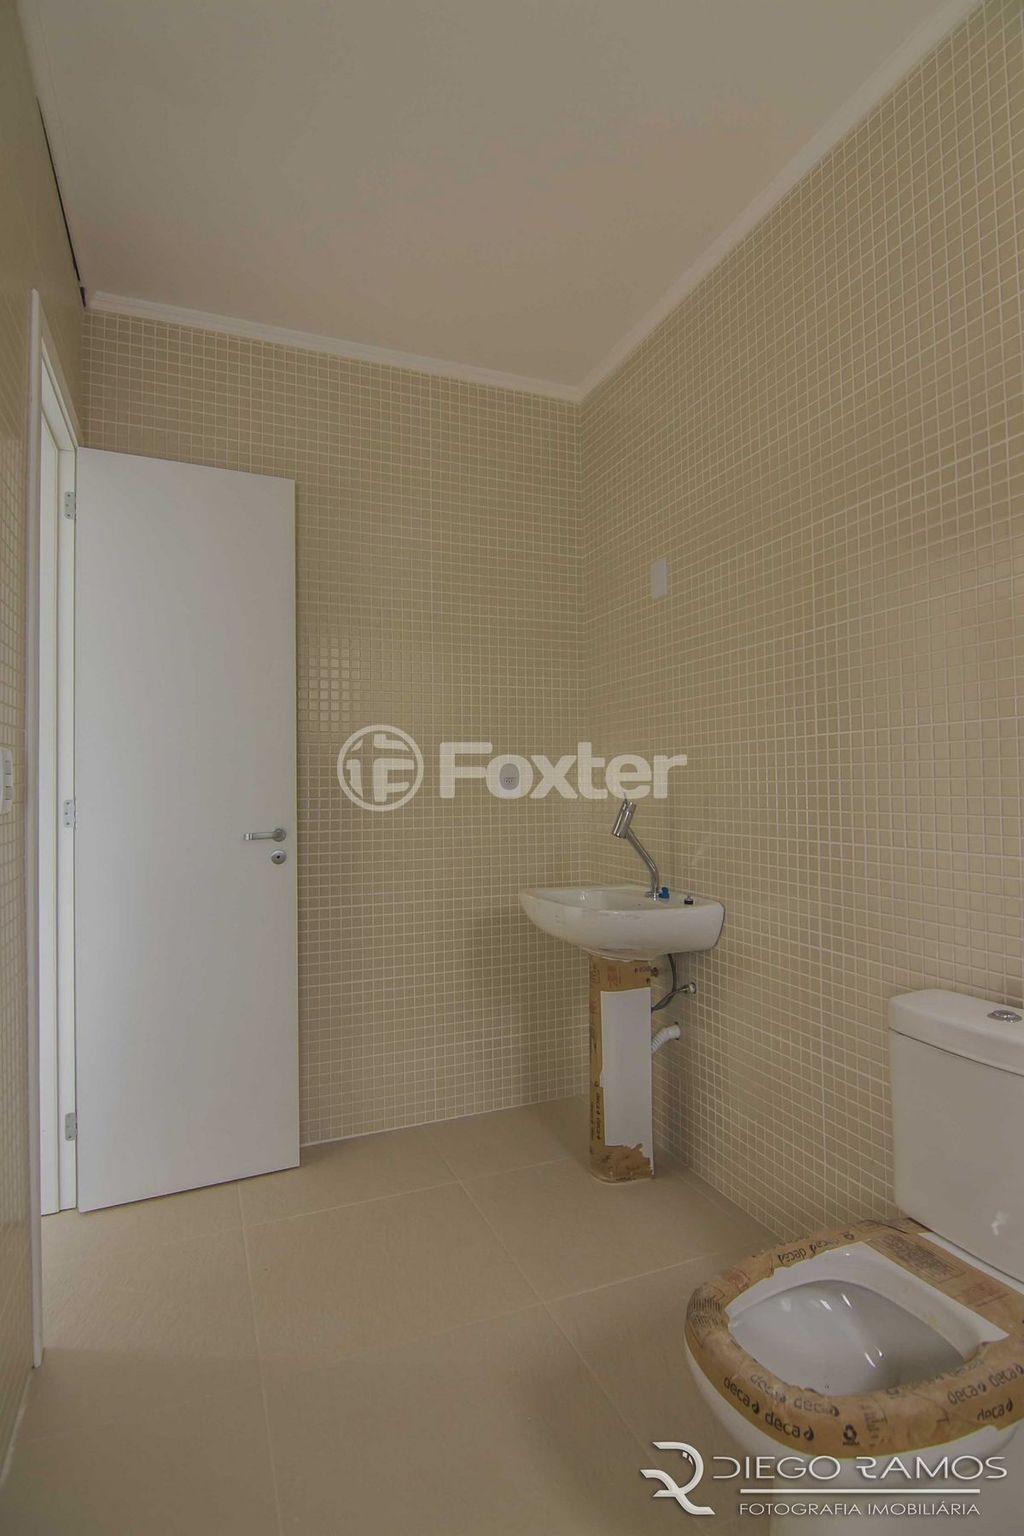 Foxter Imobiliária - Casa 3 Dorm, Vila Conceição - Foto 15